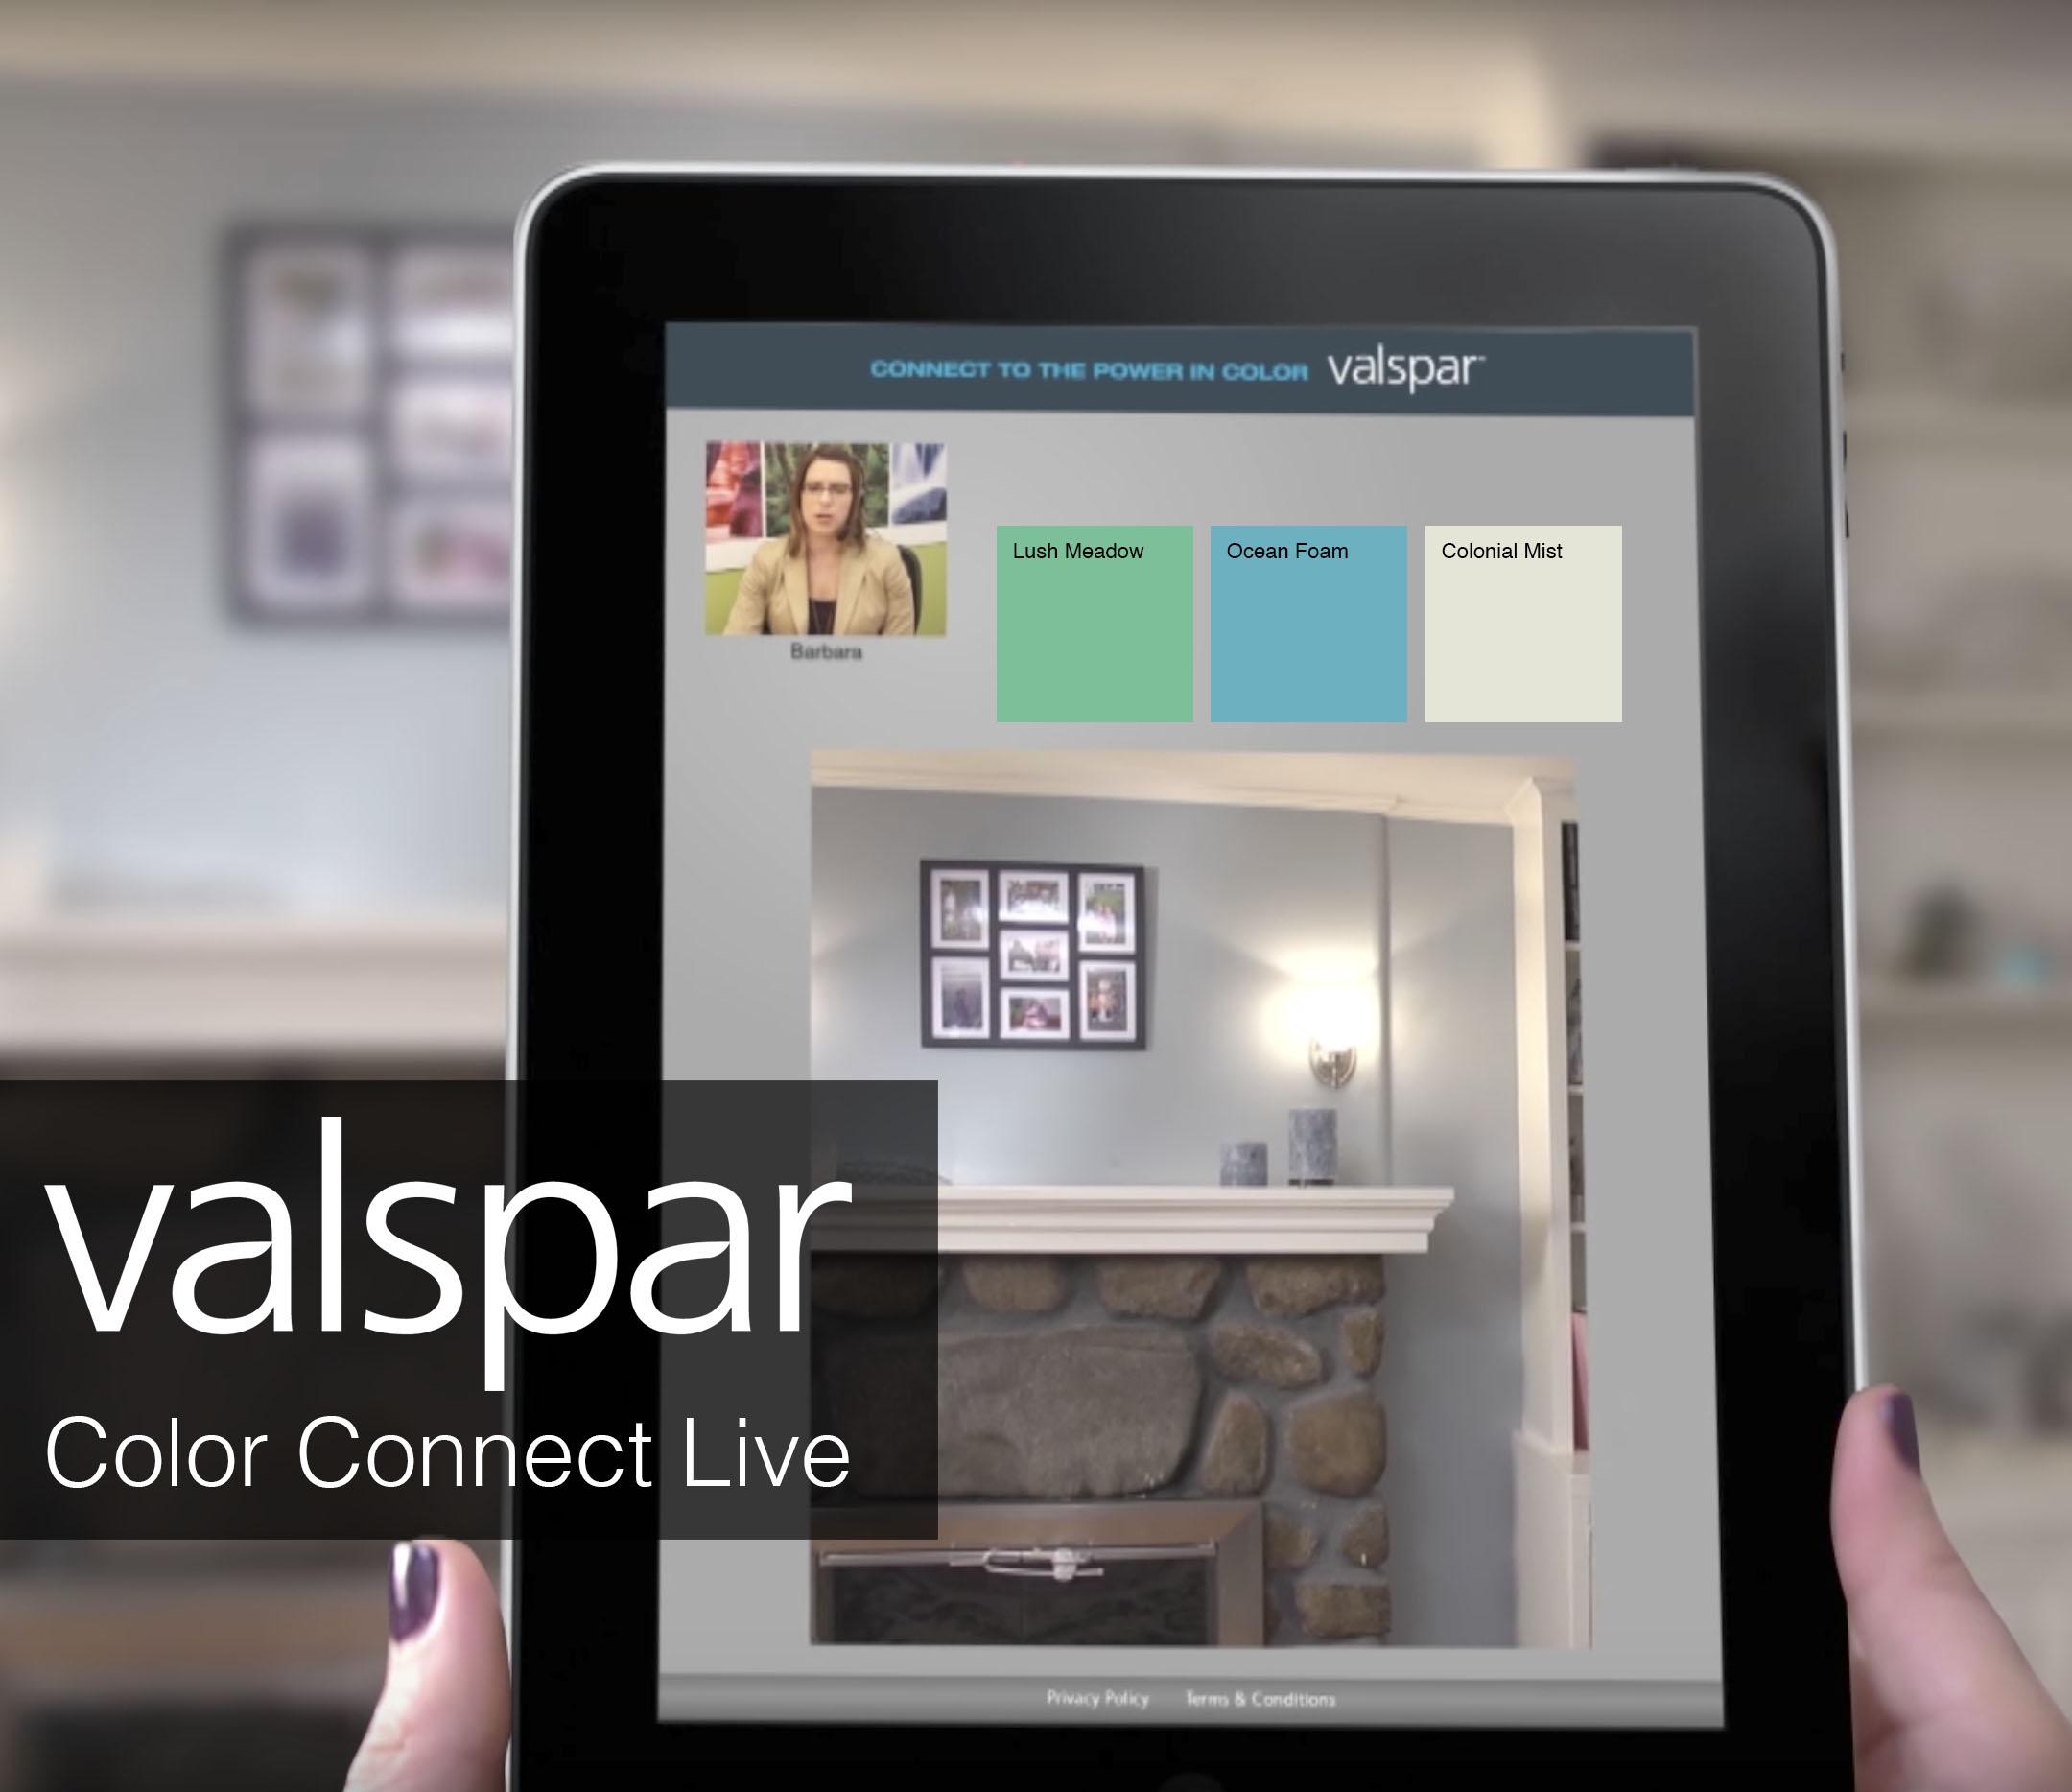 valspar-color-connect